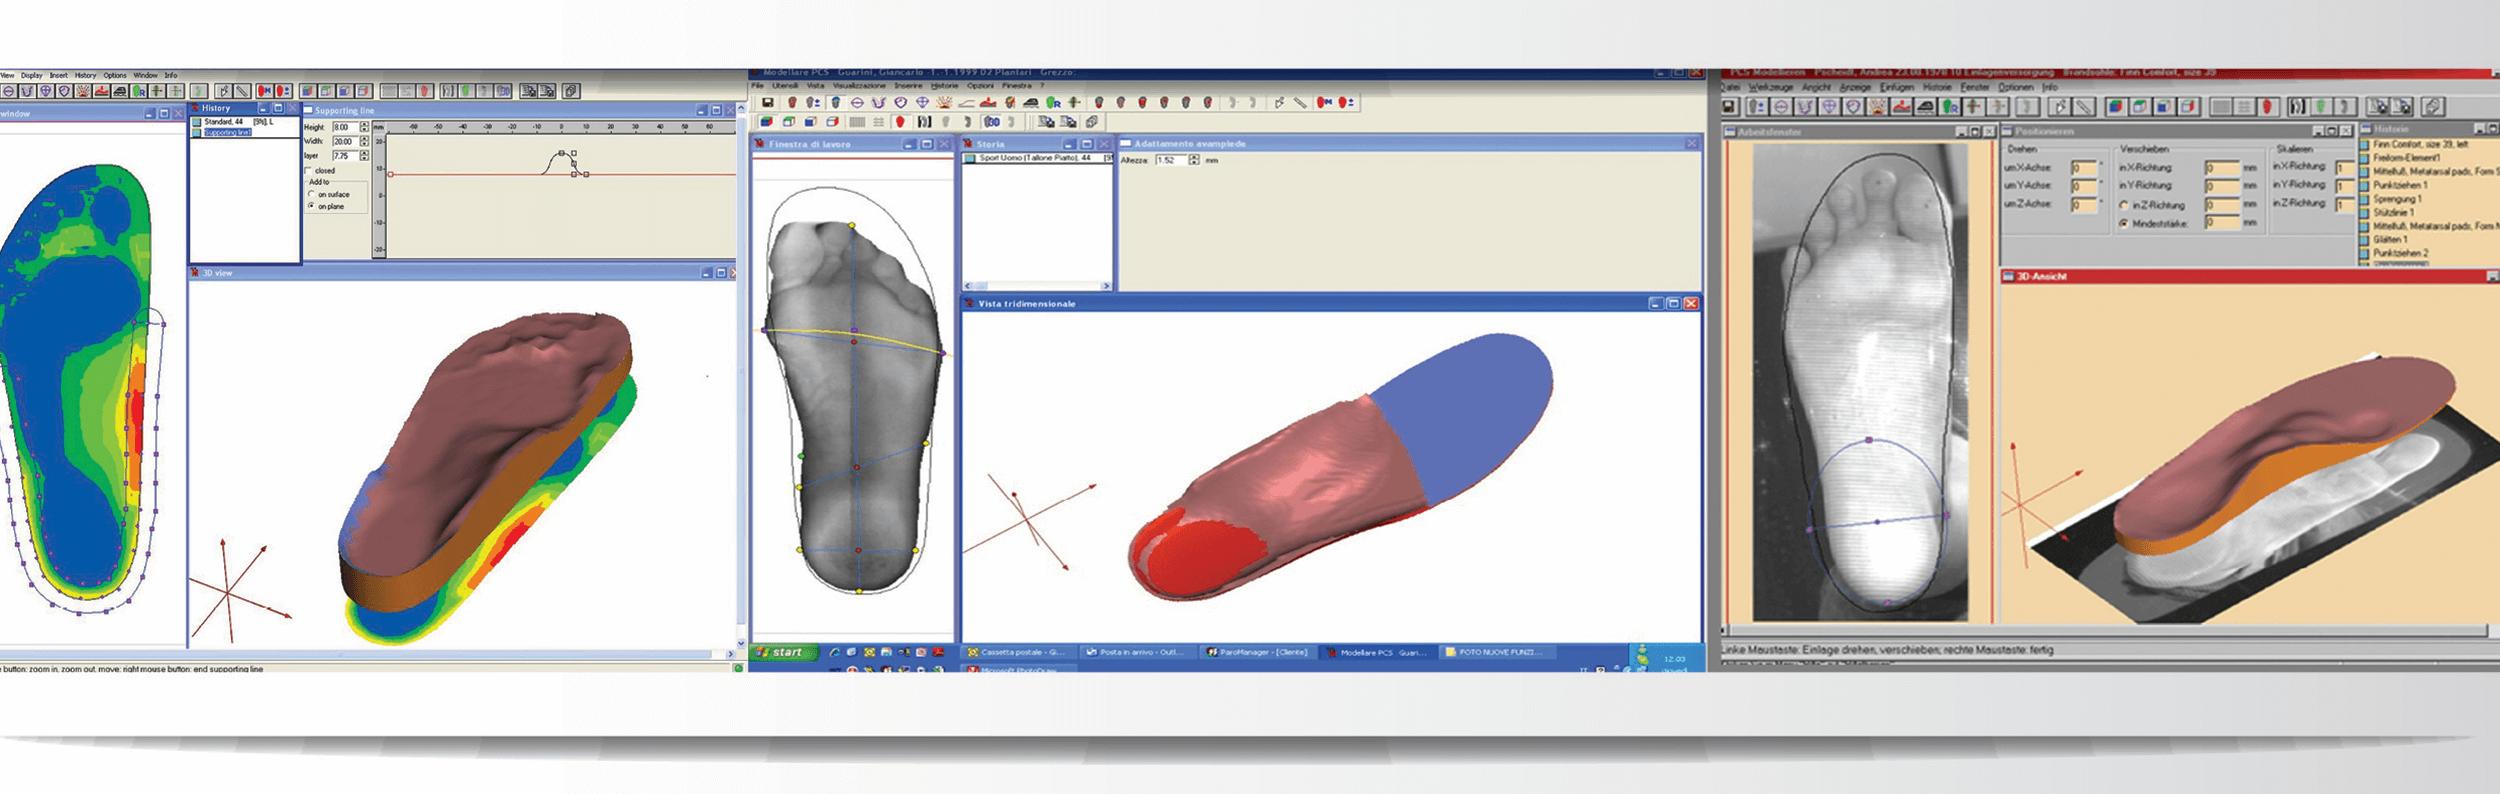 Plantari realizzati in CAD e CAM - Officine-Ortopediche.com